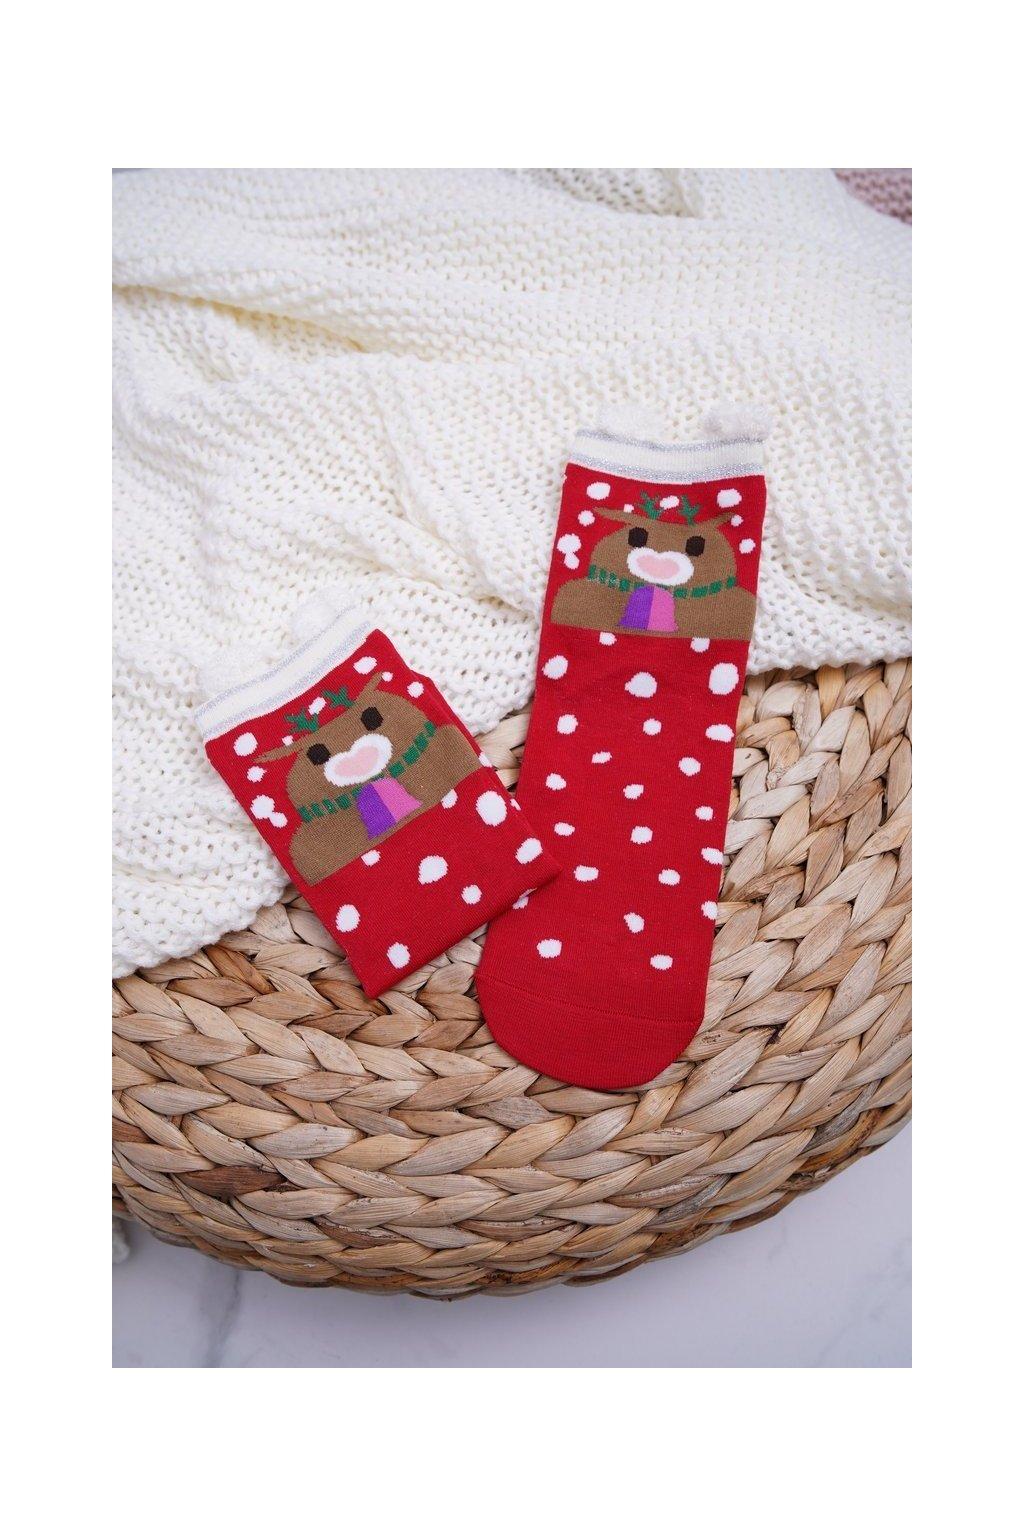 Dámske Ponožky vianočné Červené s Ušima Sobi